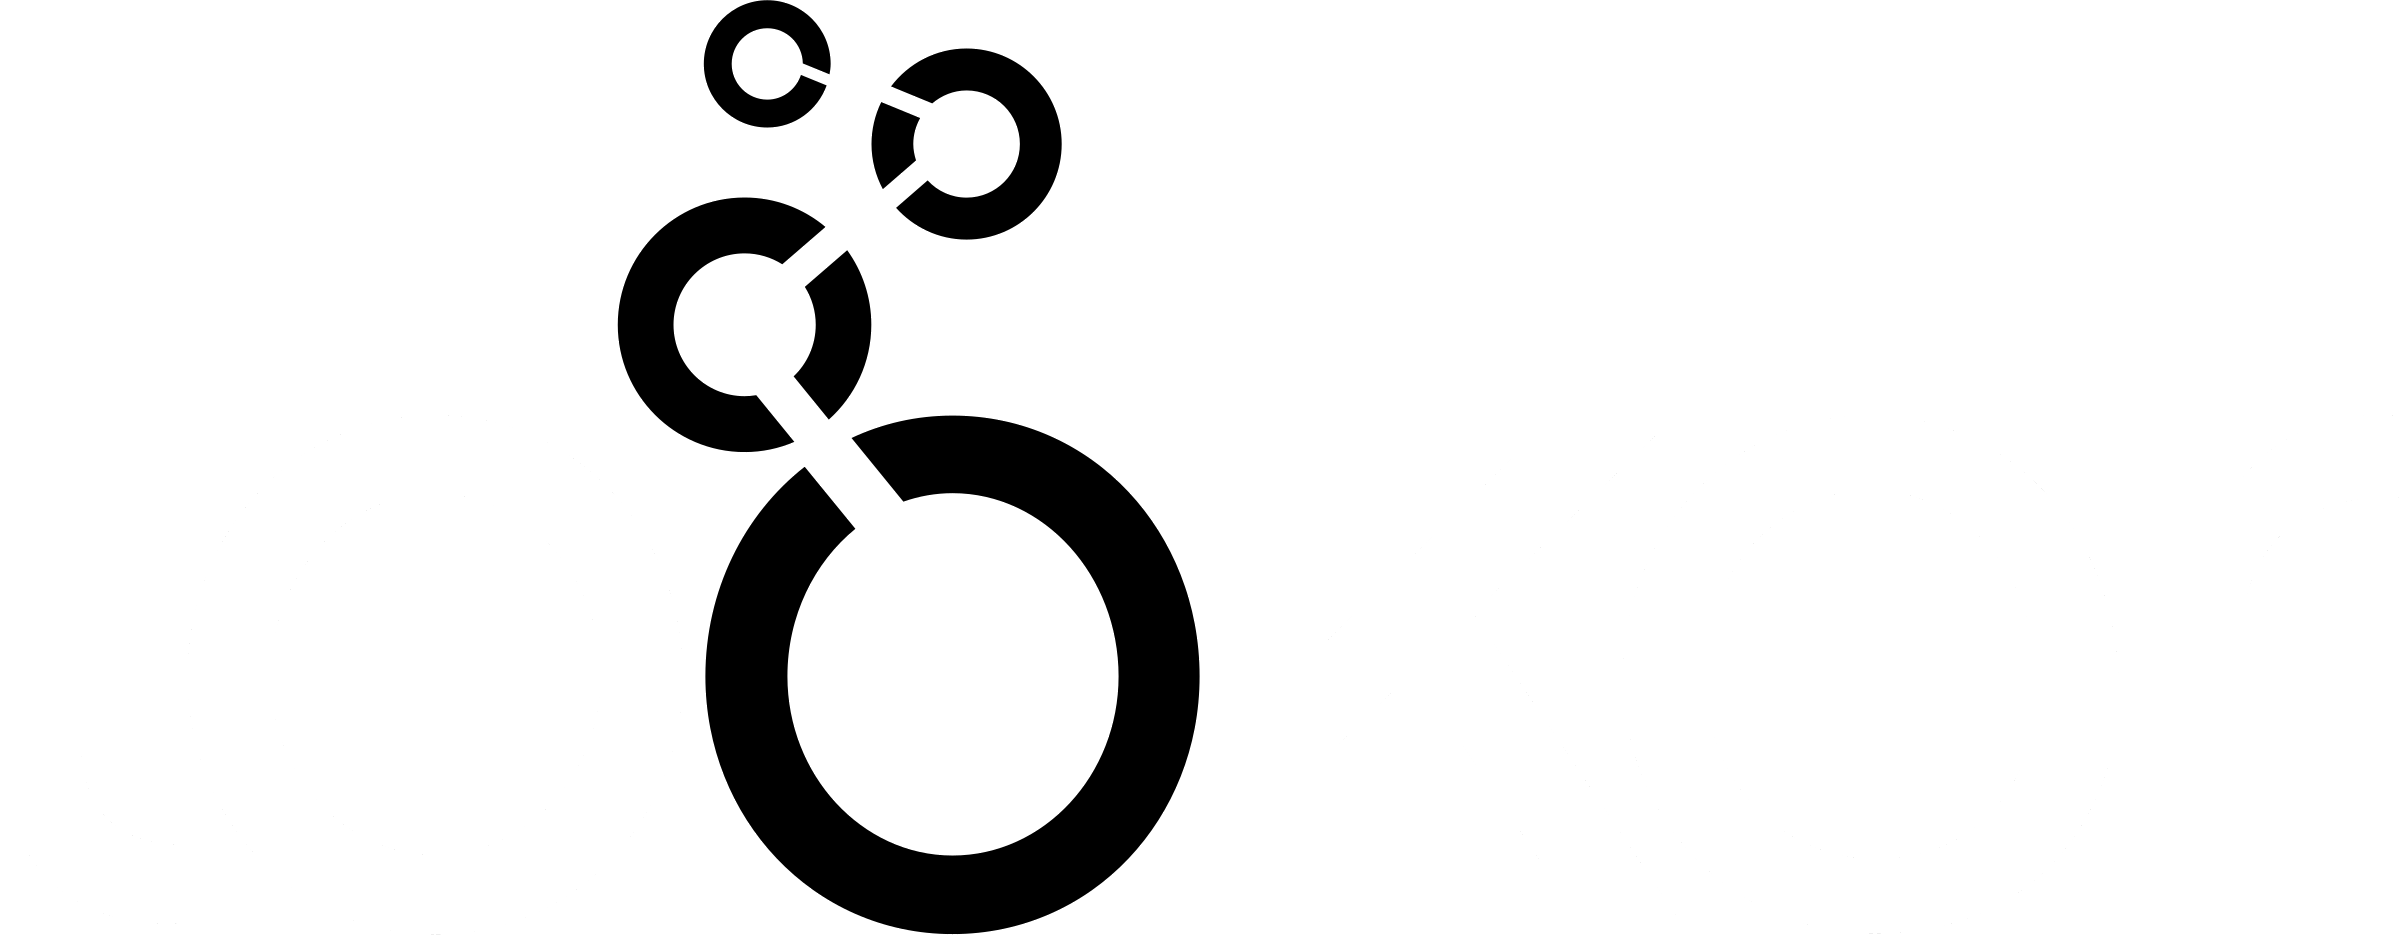 Looker Logo PNG Transparent & SVG Vector.